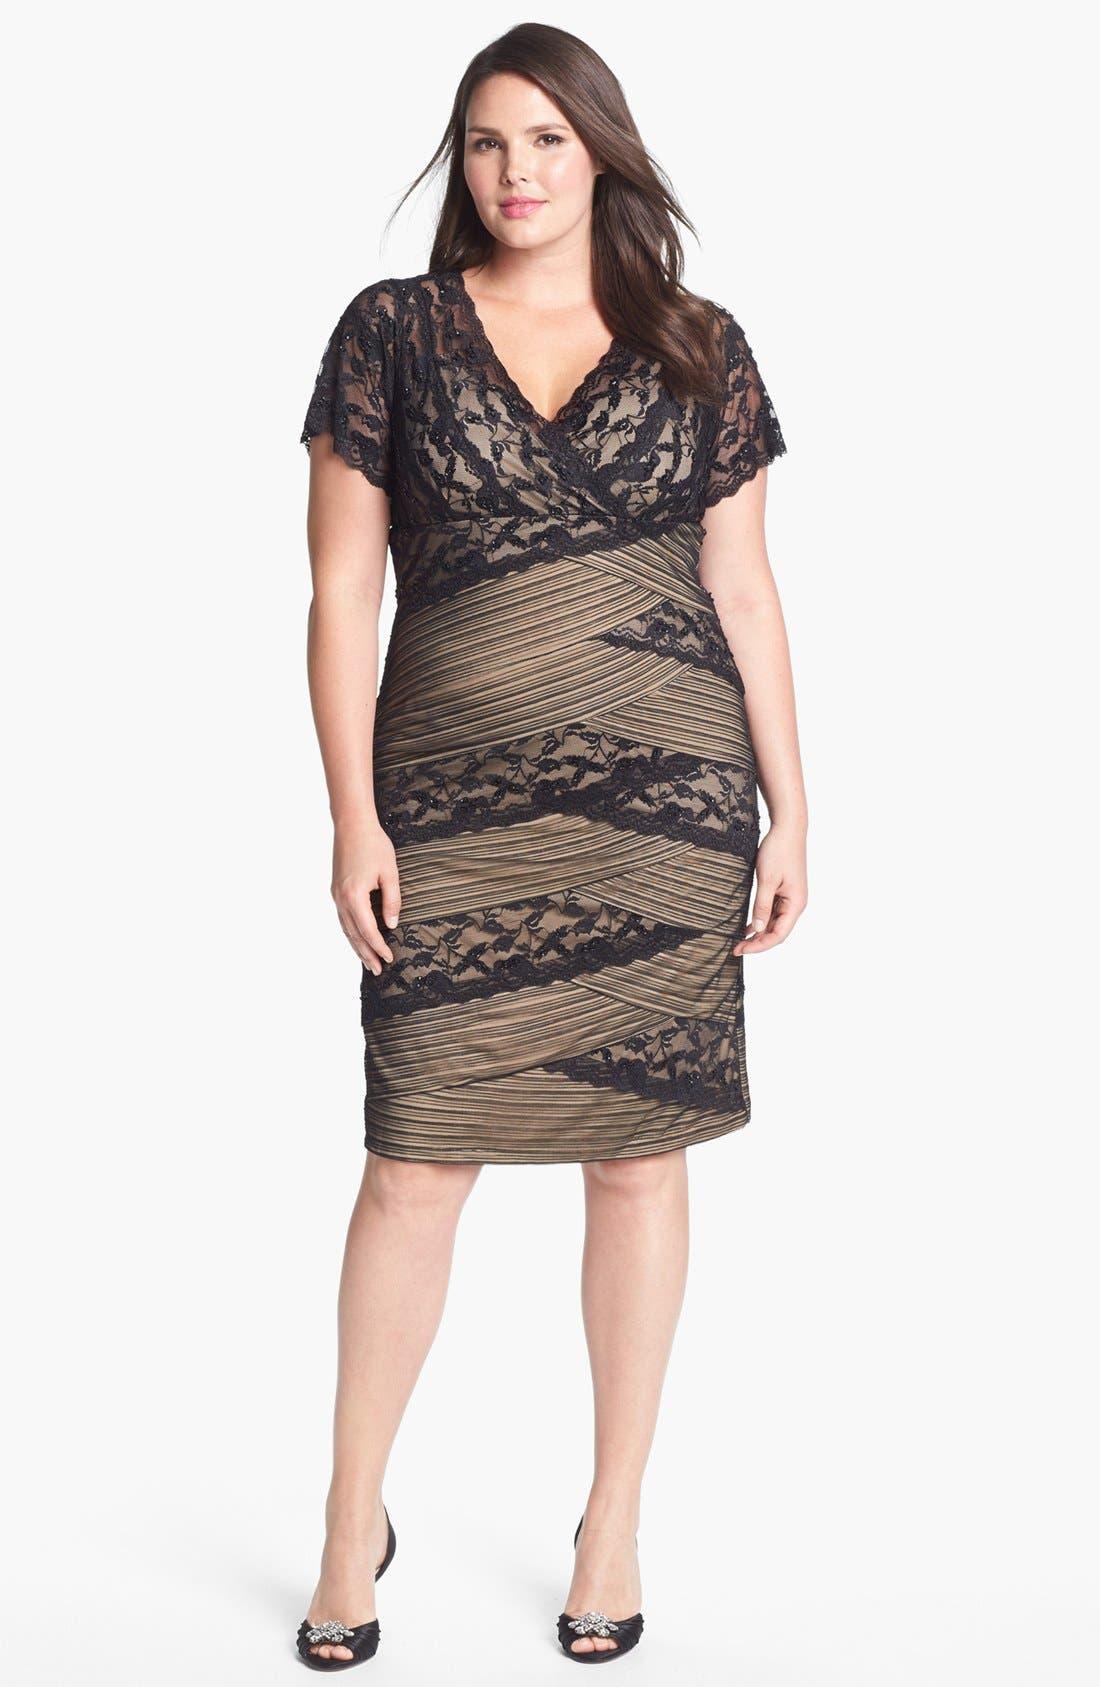 Alternate Image 1 Selected - MARINA Mixed Lace Sheath Dress (Plus Size)